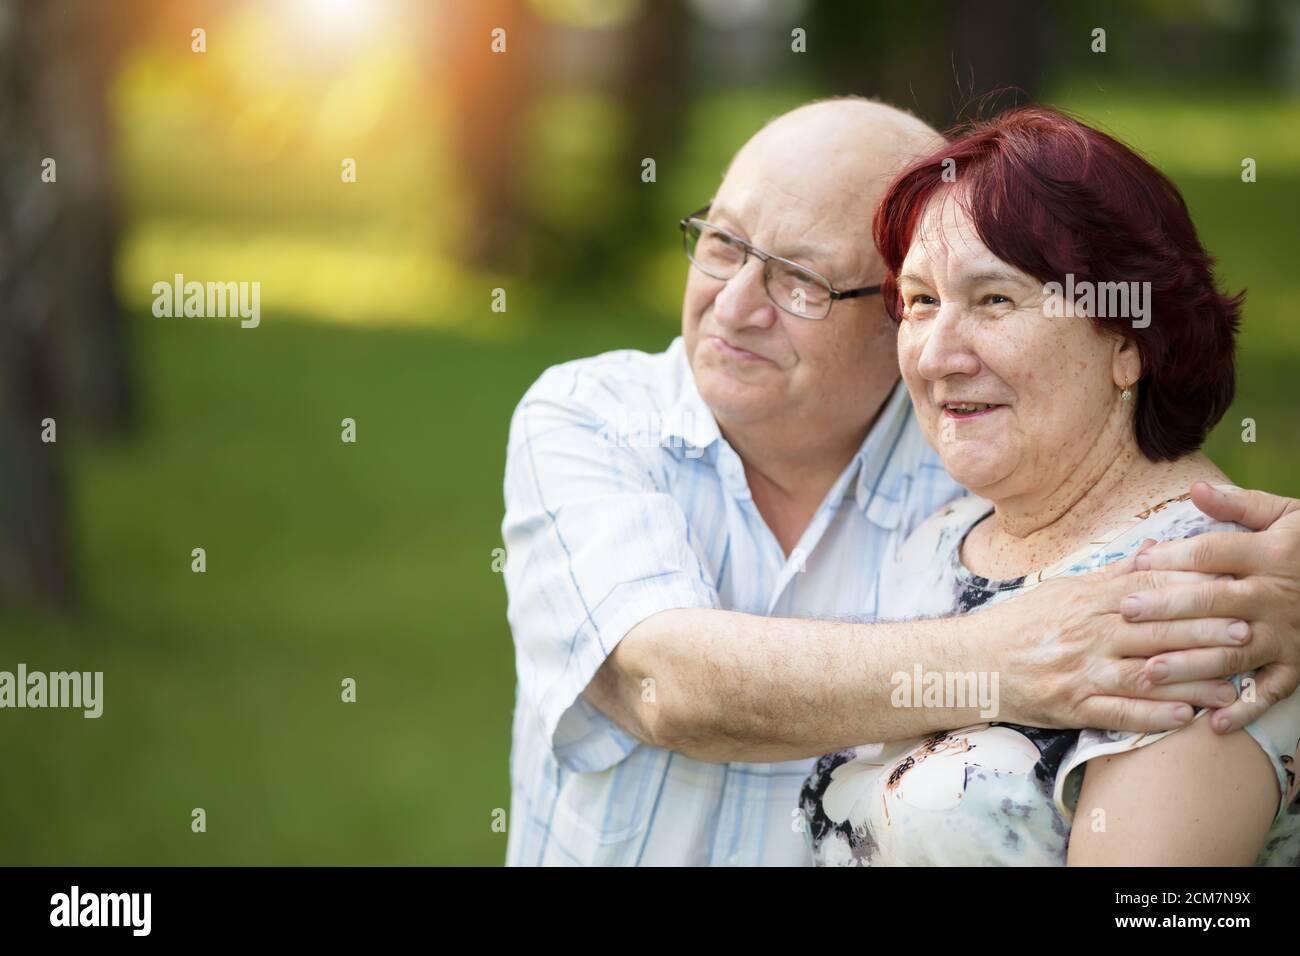 Felice coppia anziana in una passeggiata. Bei cittadini anziani, uomini e donne. Marito e moglie di vecchiaia sullo sfondo della natura. Foto Stock